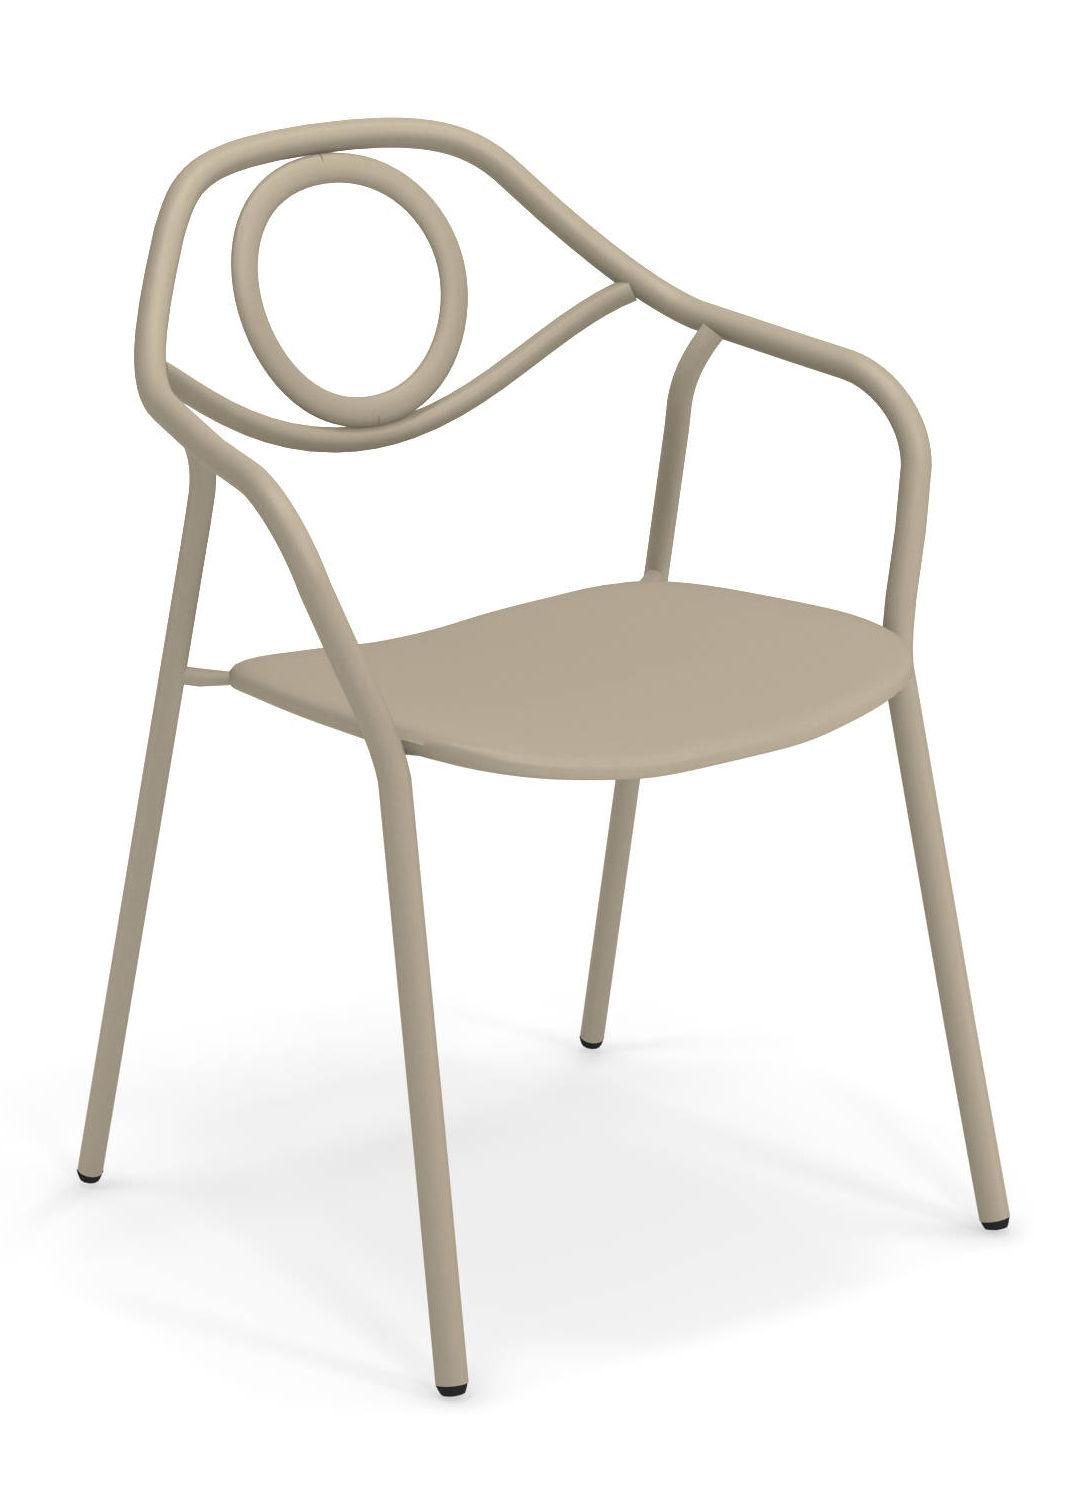 Mobilier - Chaises, fauteuils de salle à manger - Fauteuil empilable Zahir / Métal - Emu - Taupe - Acier verni